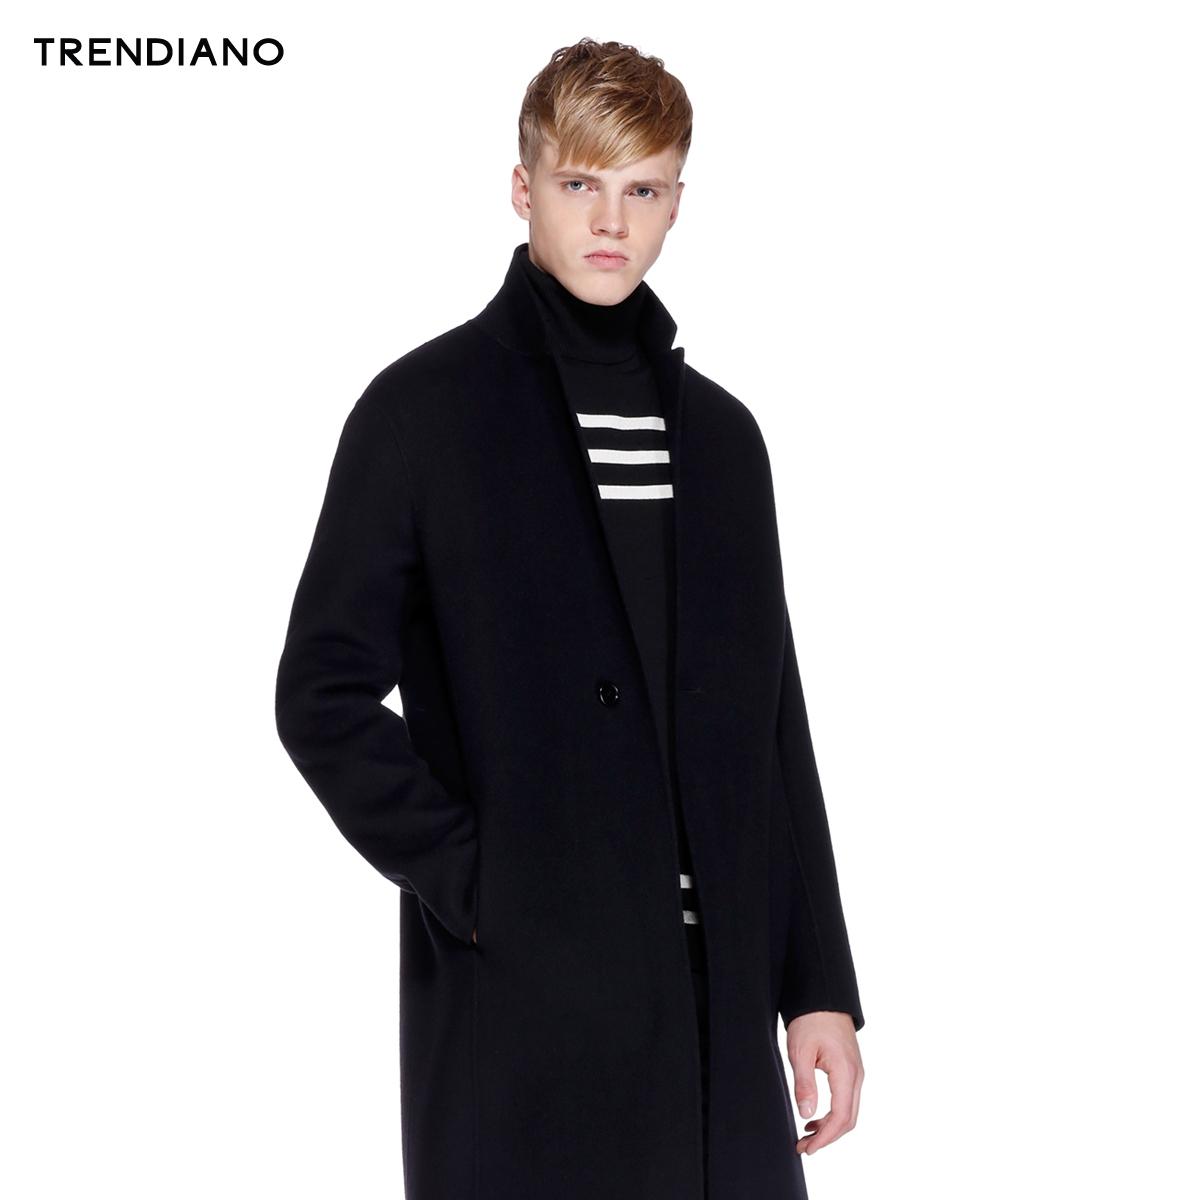 Пальто мужское Trendiano 3hc4341250 2016